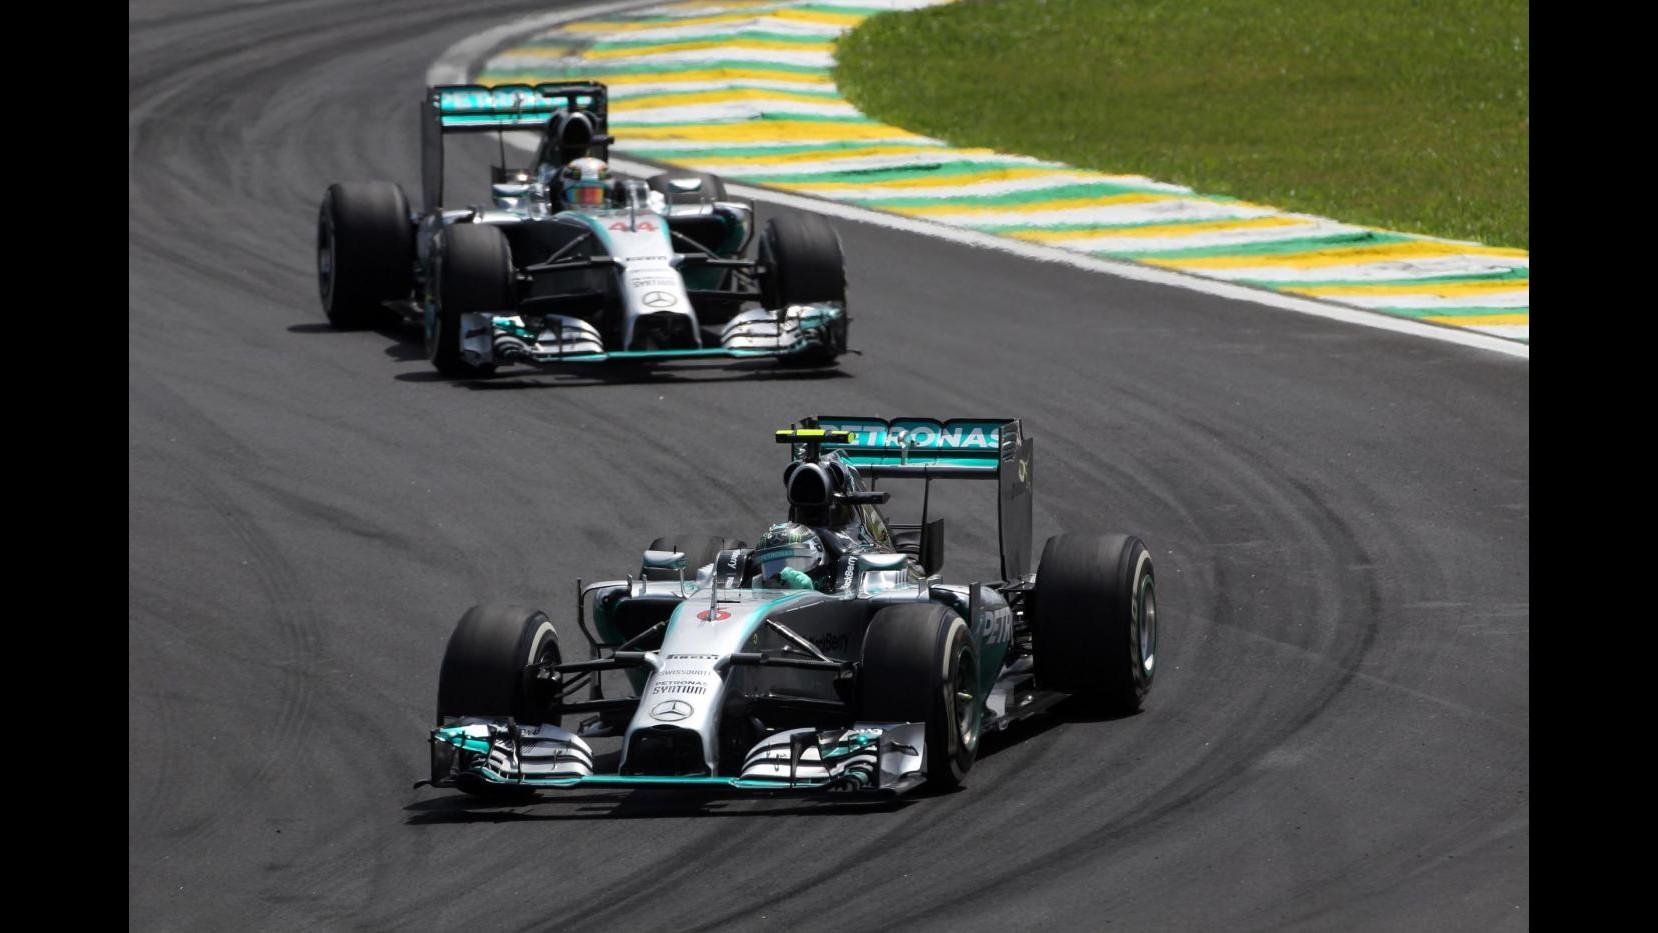 F1, Gp Brasile: Rosberg vince davanti a Hamilton e riapre il Mondiale, 6° Alonso